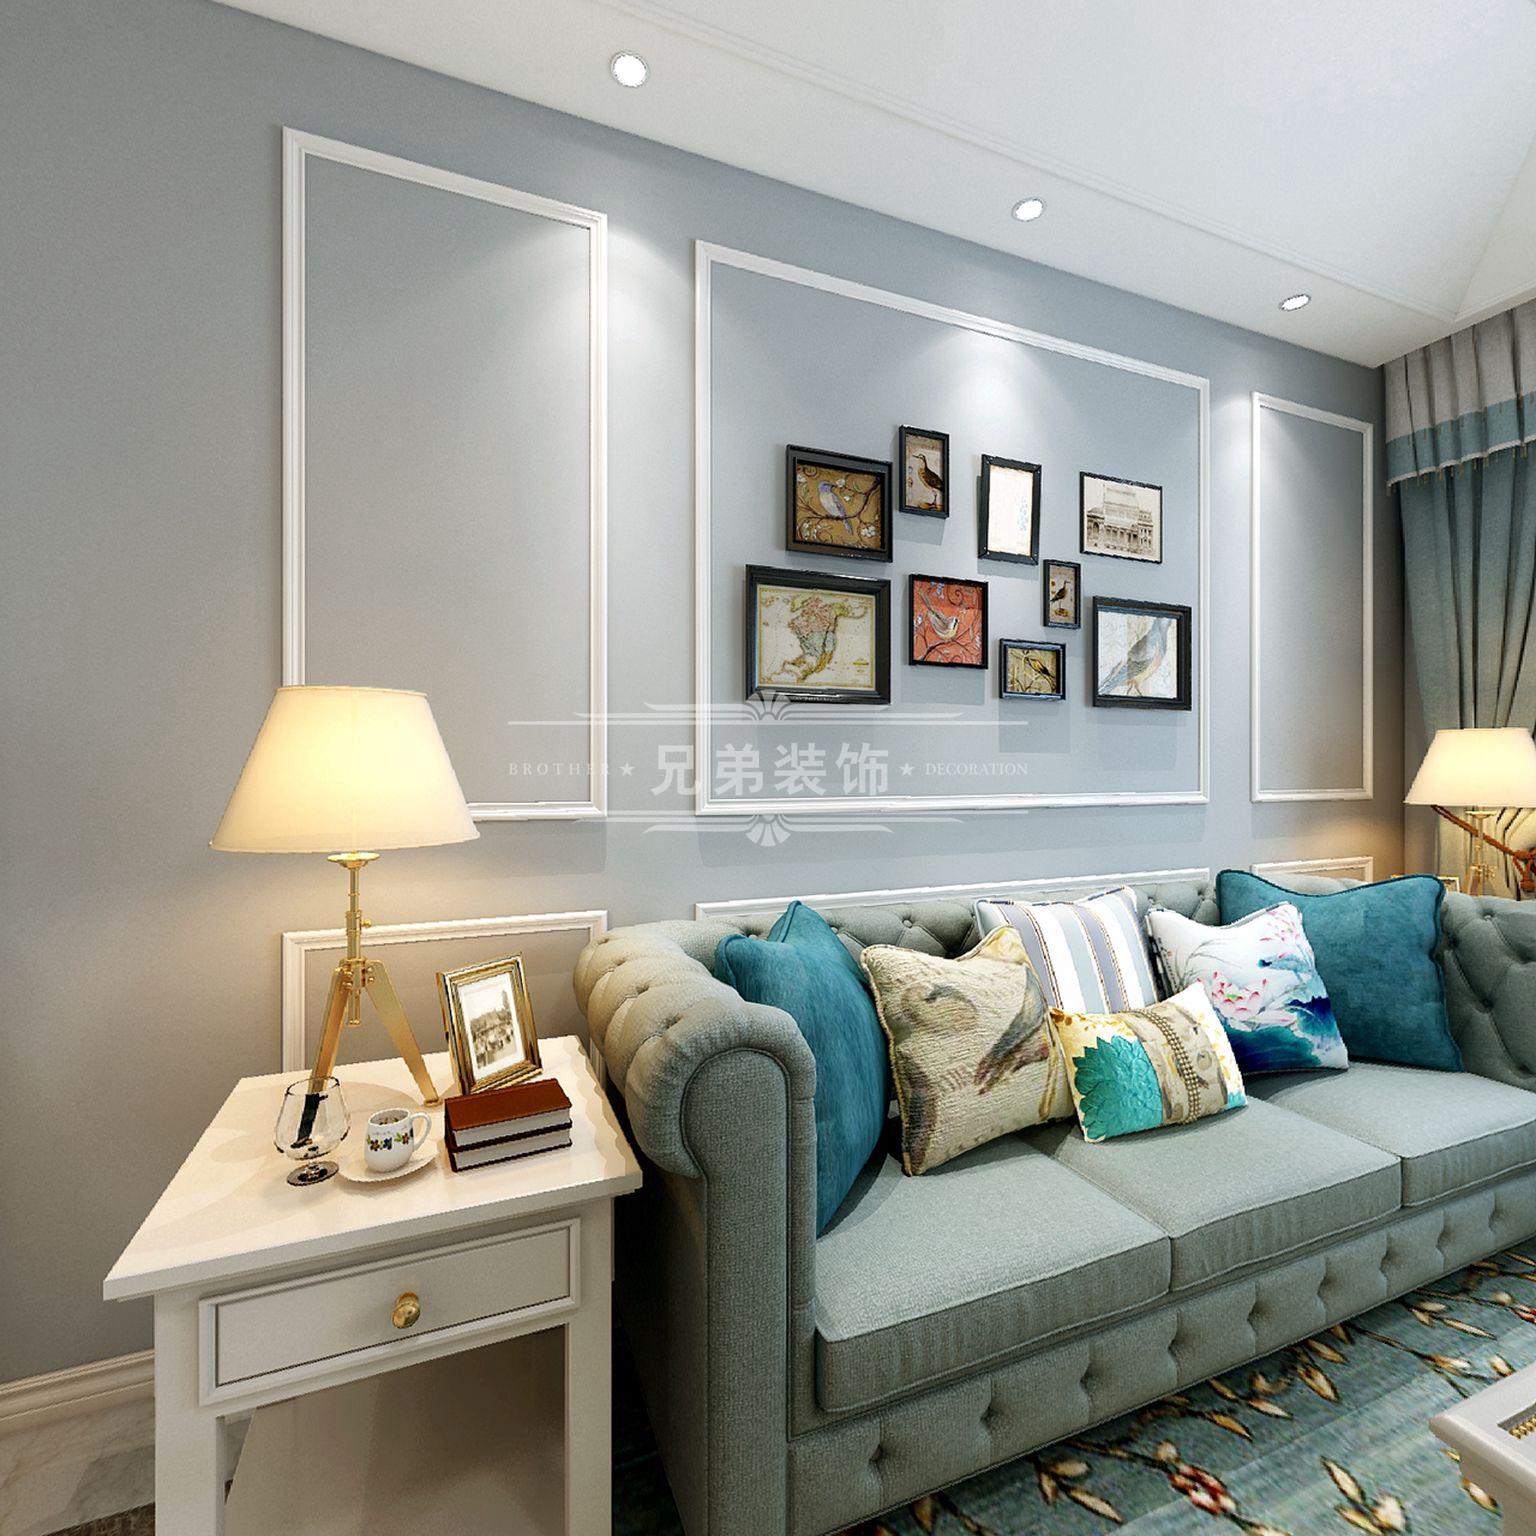 现代 装修设计 客厅图片来自重庆兄弟装饰黄妃在重庆龙湖开元装修设计的分享